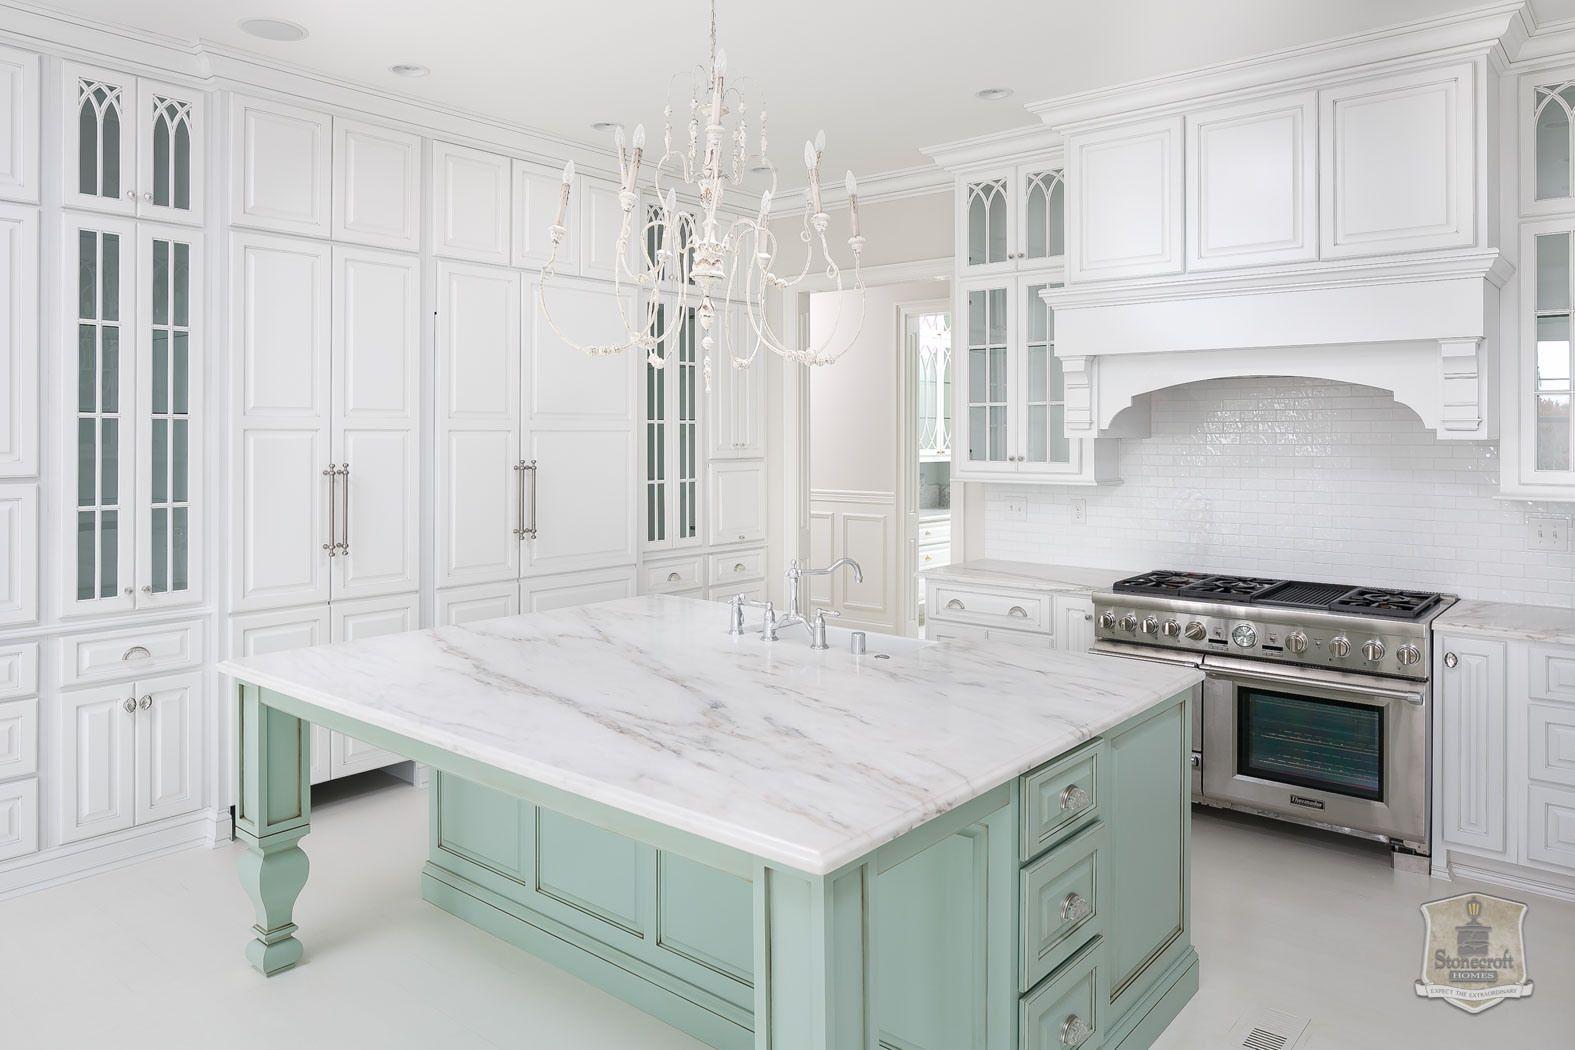 White and Aqua Kitchen Love by StoneCroft Homes (Wicks Nest) | Aqua ...